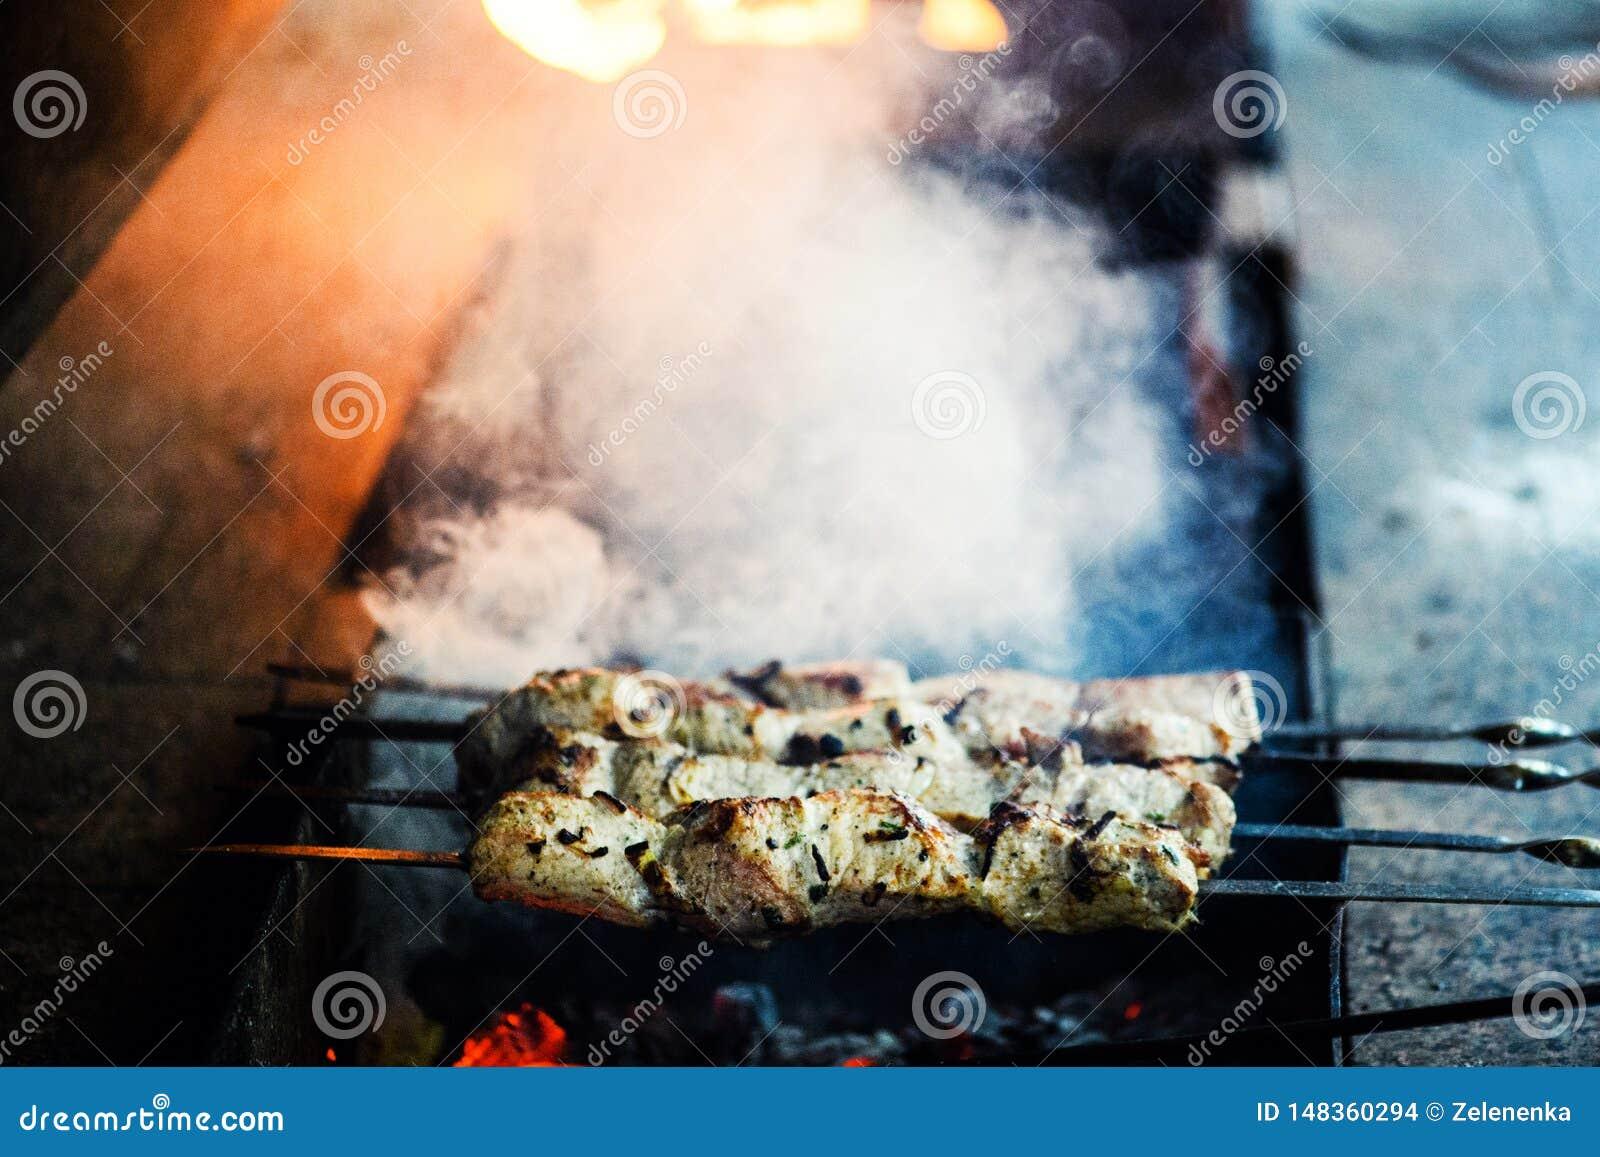 Saftige Scheiben des Fleisches bereiten sich auf Feuer vor